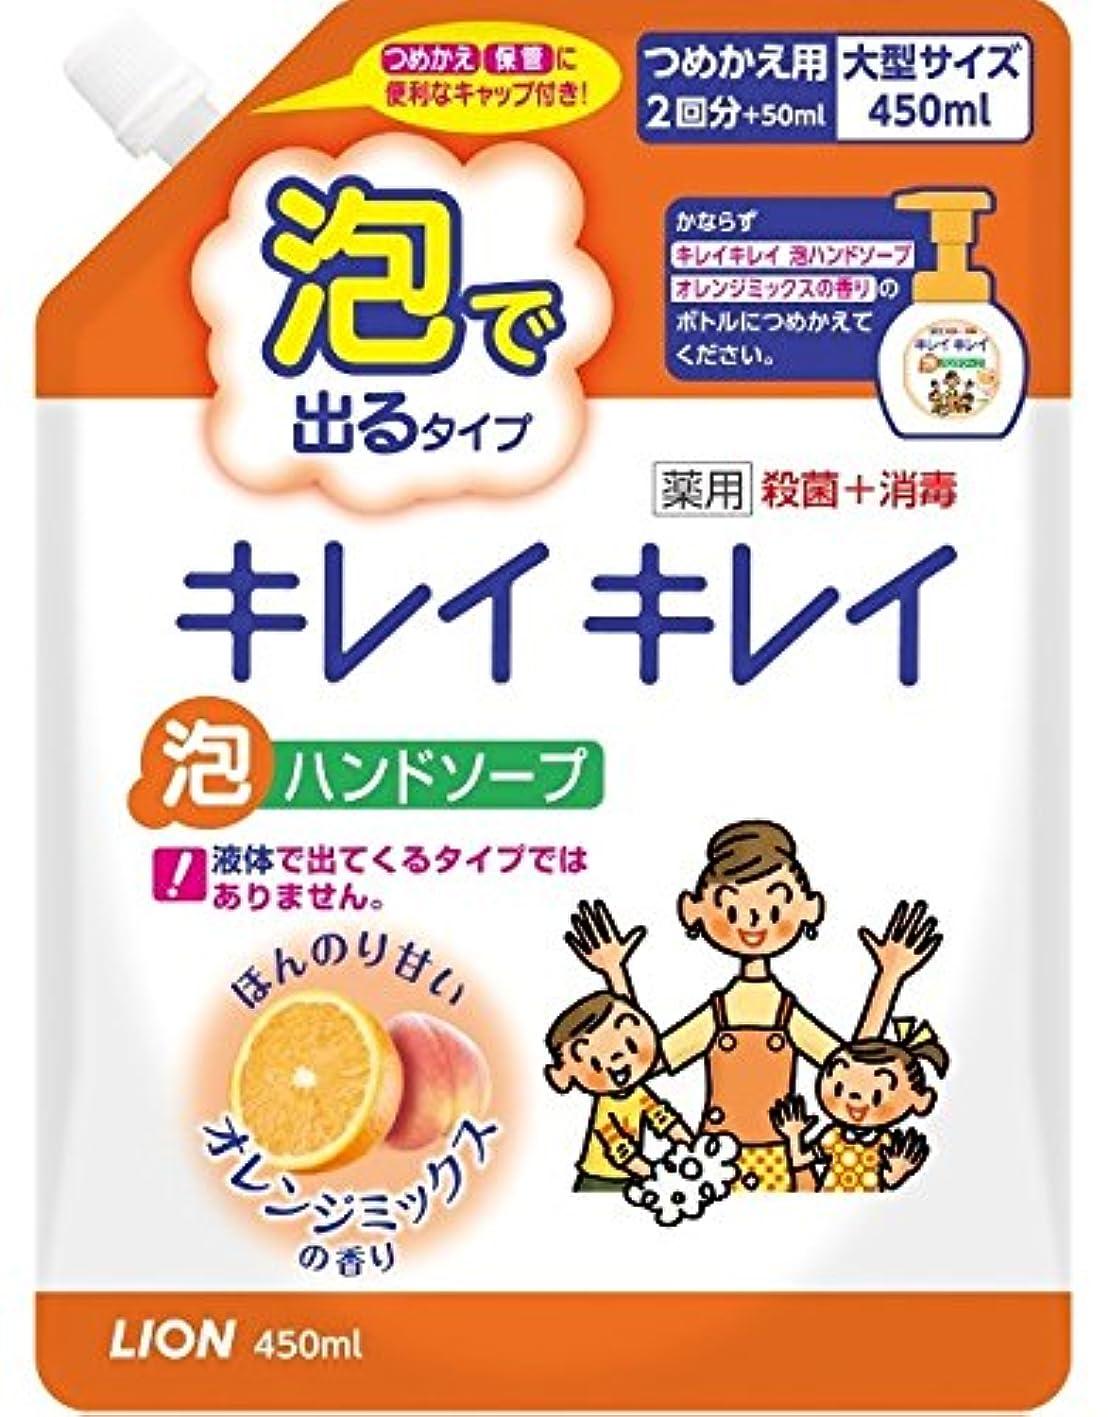 全くひどいフラッシュのように素早くキレイキレイ薬用泡ハンドソープオレンジミックスの香りつめかえ用大型サイズ450mL